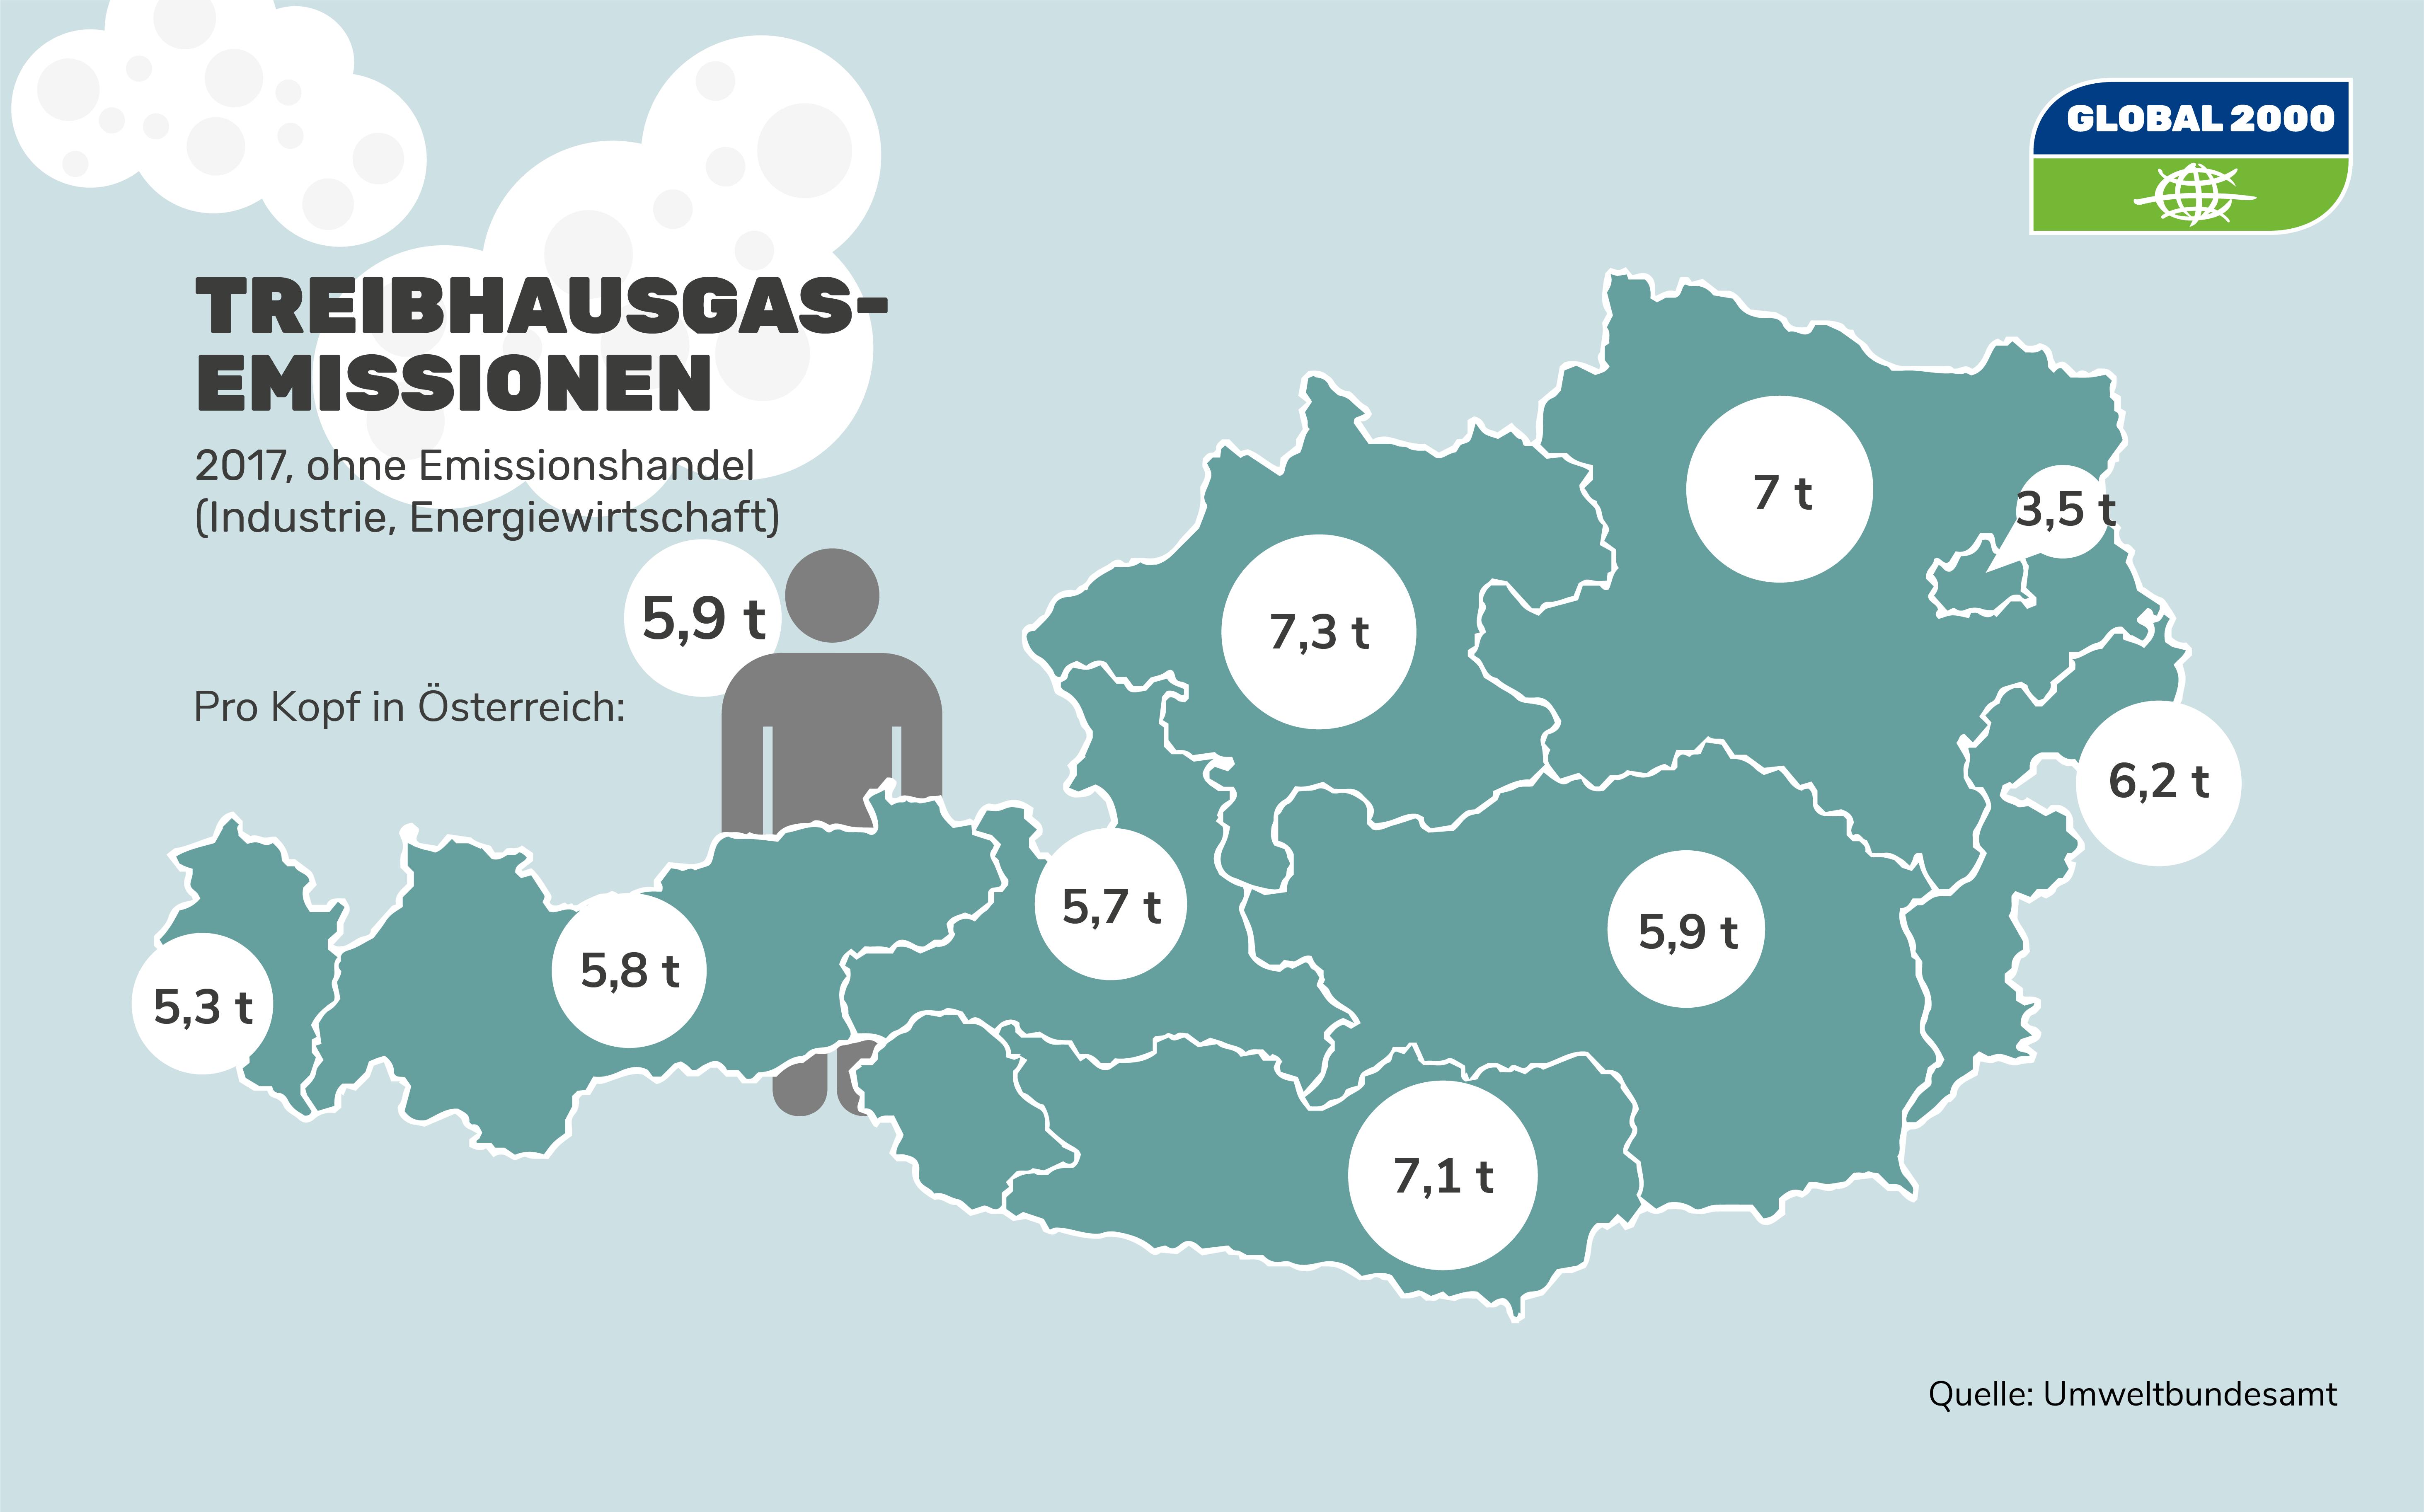 Treibhausgasemissionen in Österreich